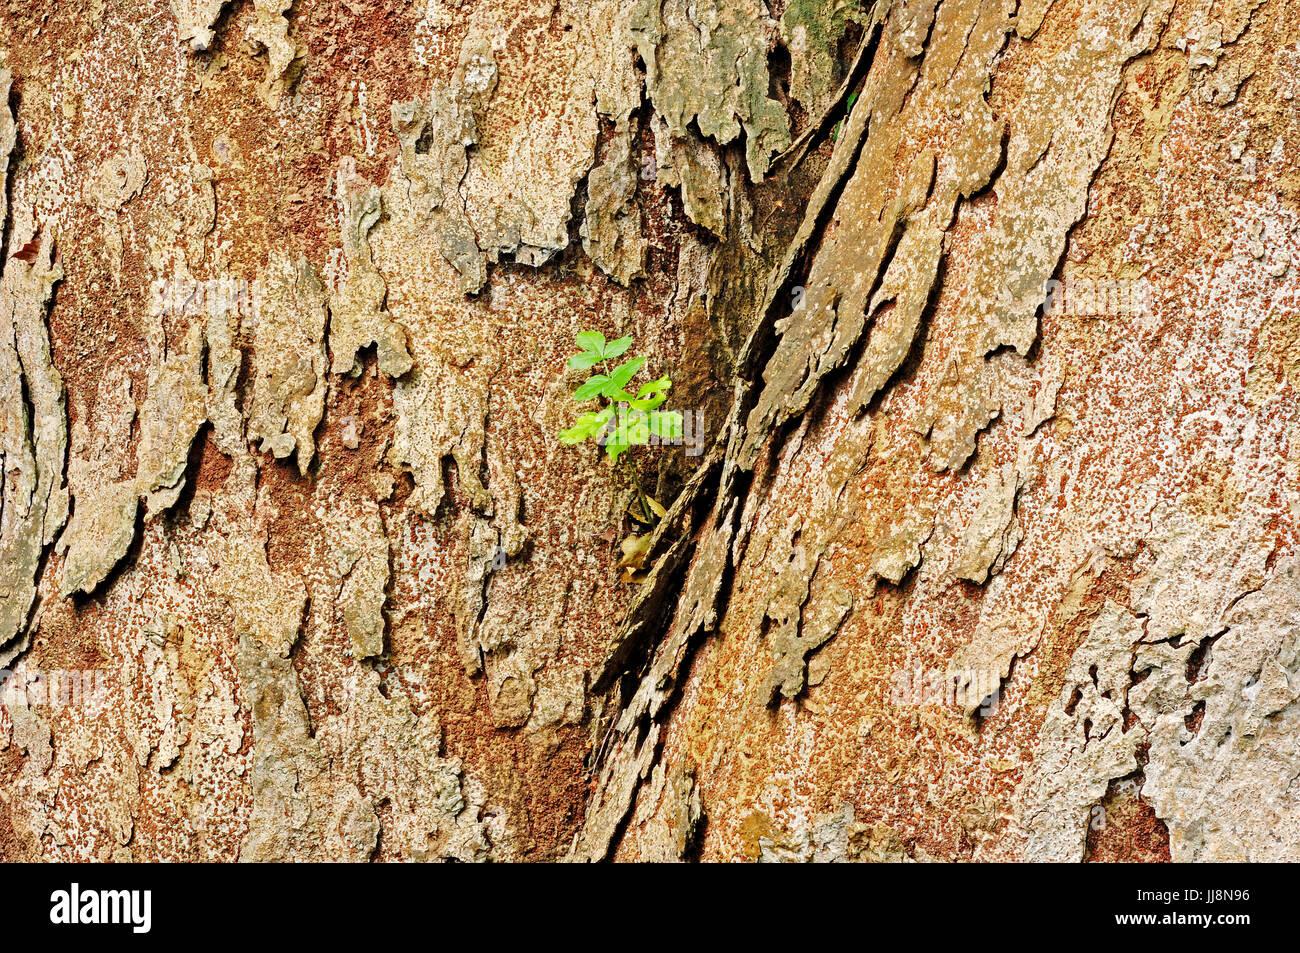 Japanese Zelkova, bark / (Zelkova serrata)   Japanische Zelkove, Rinde / (Zelkova serrata) / Japanische Ulme - Stock Image